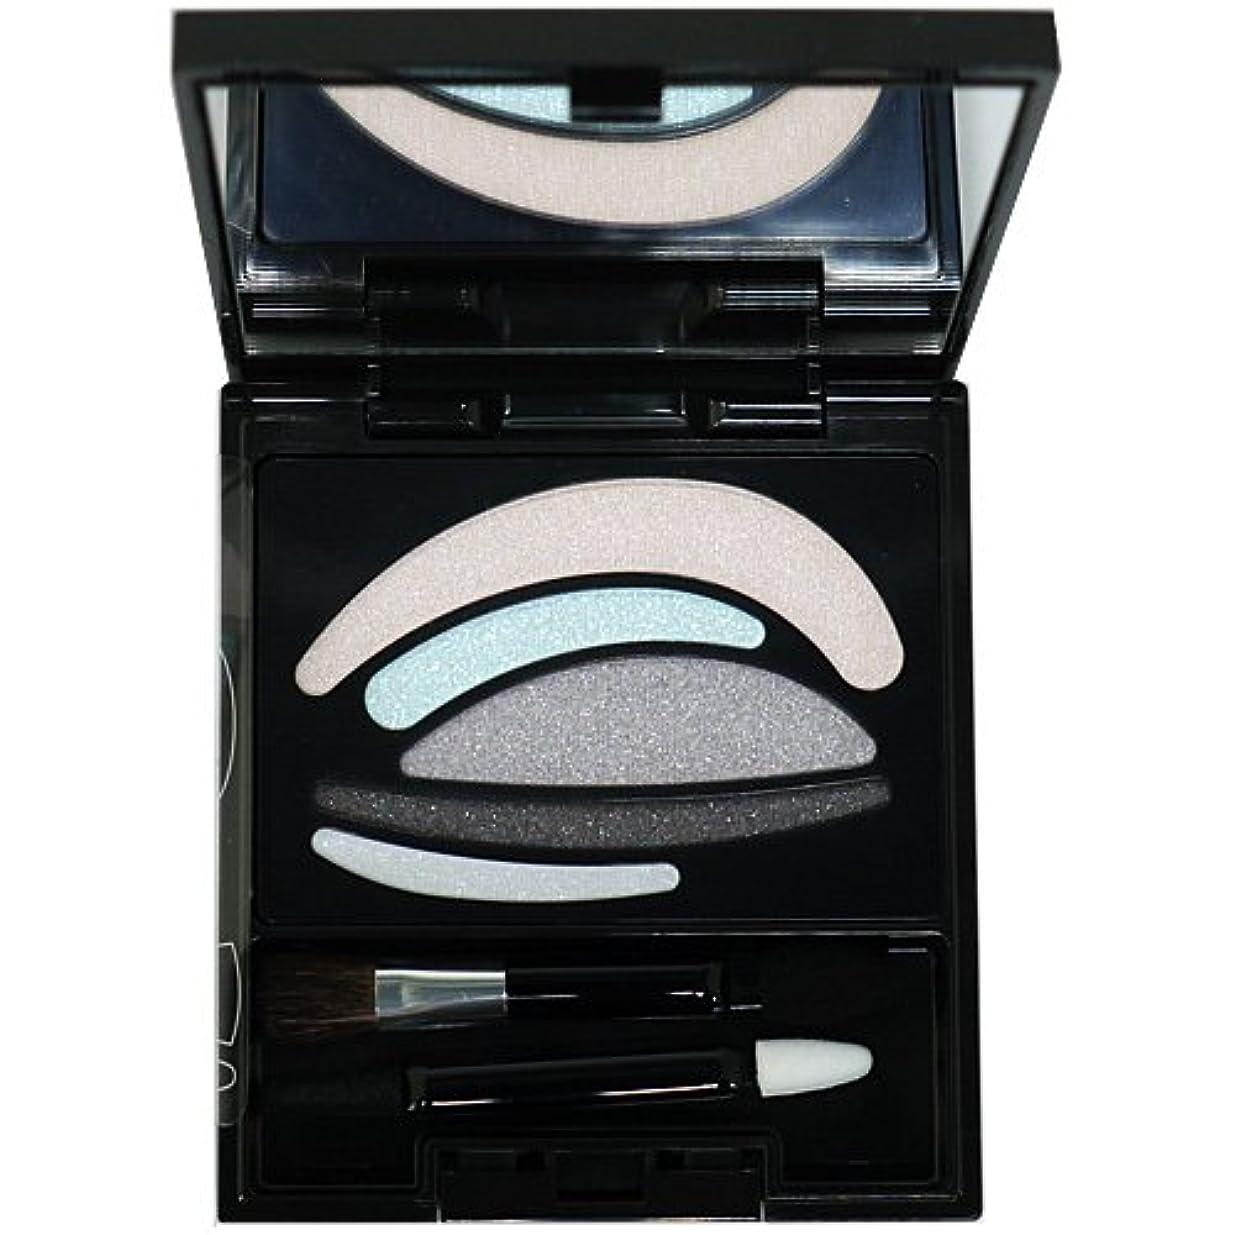 限りなくマイクロクリープ花王ソフィーナ オーブクチュール(AUBE couture)デザイニングインプレッションアイズⅡ3.1g カラー:504パープル系